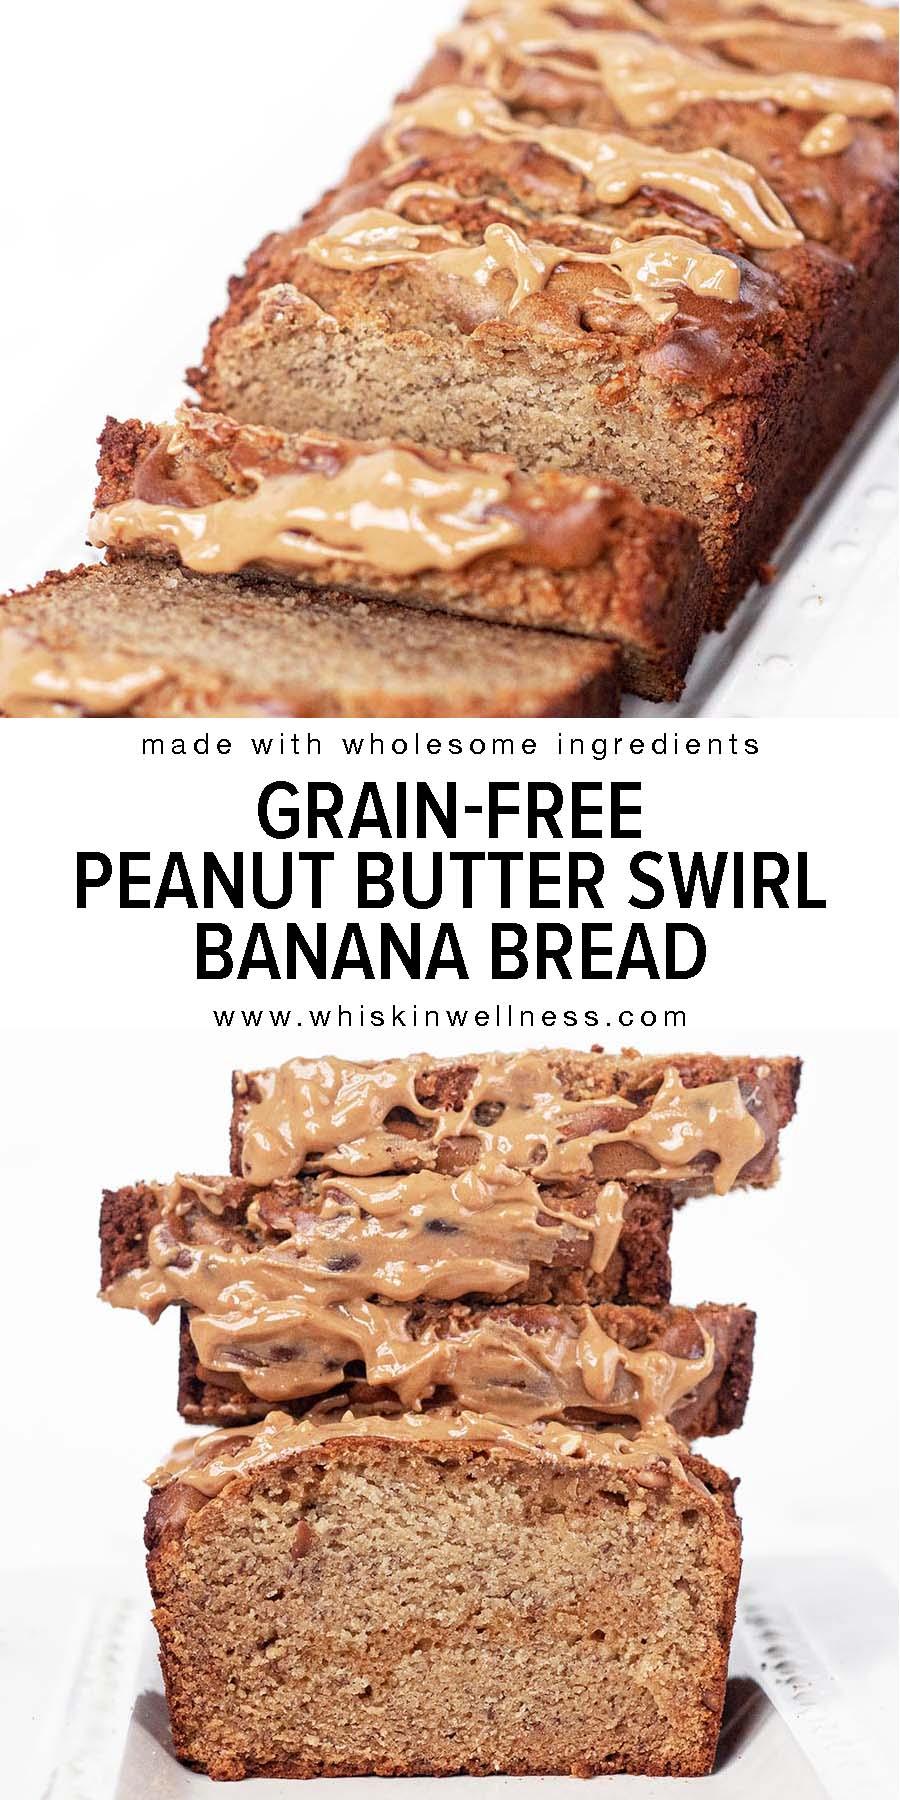 grainfree.pbswirl.bananabread.wiw .pinterest